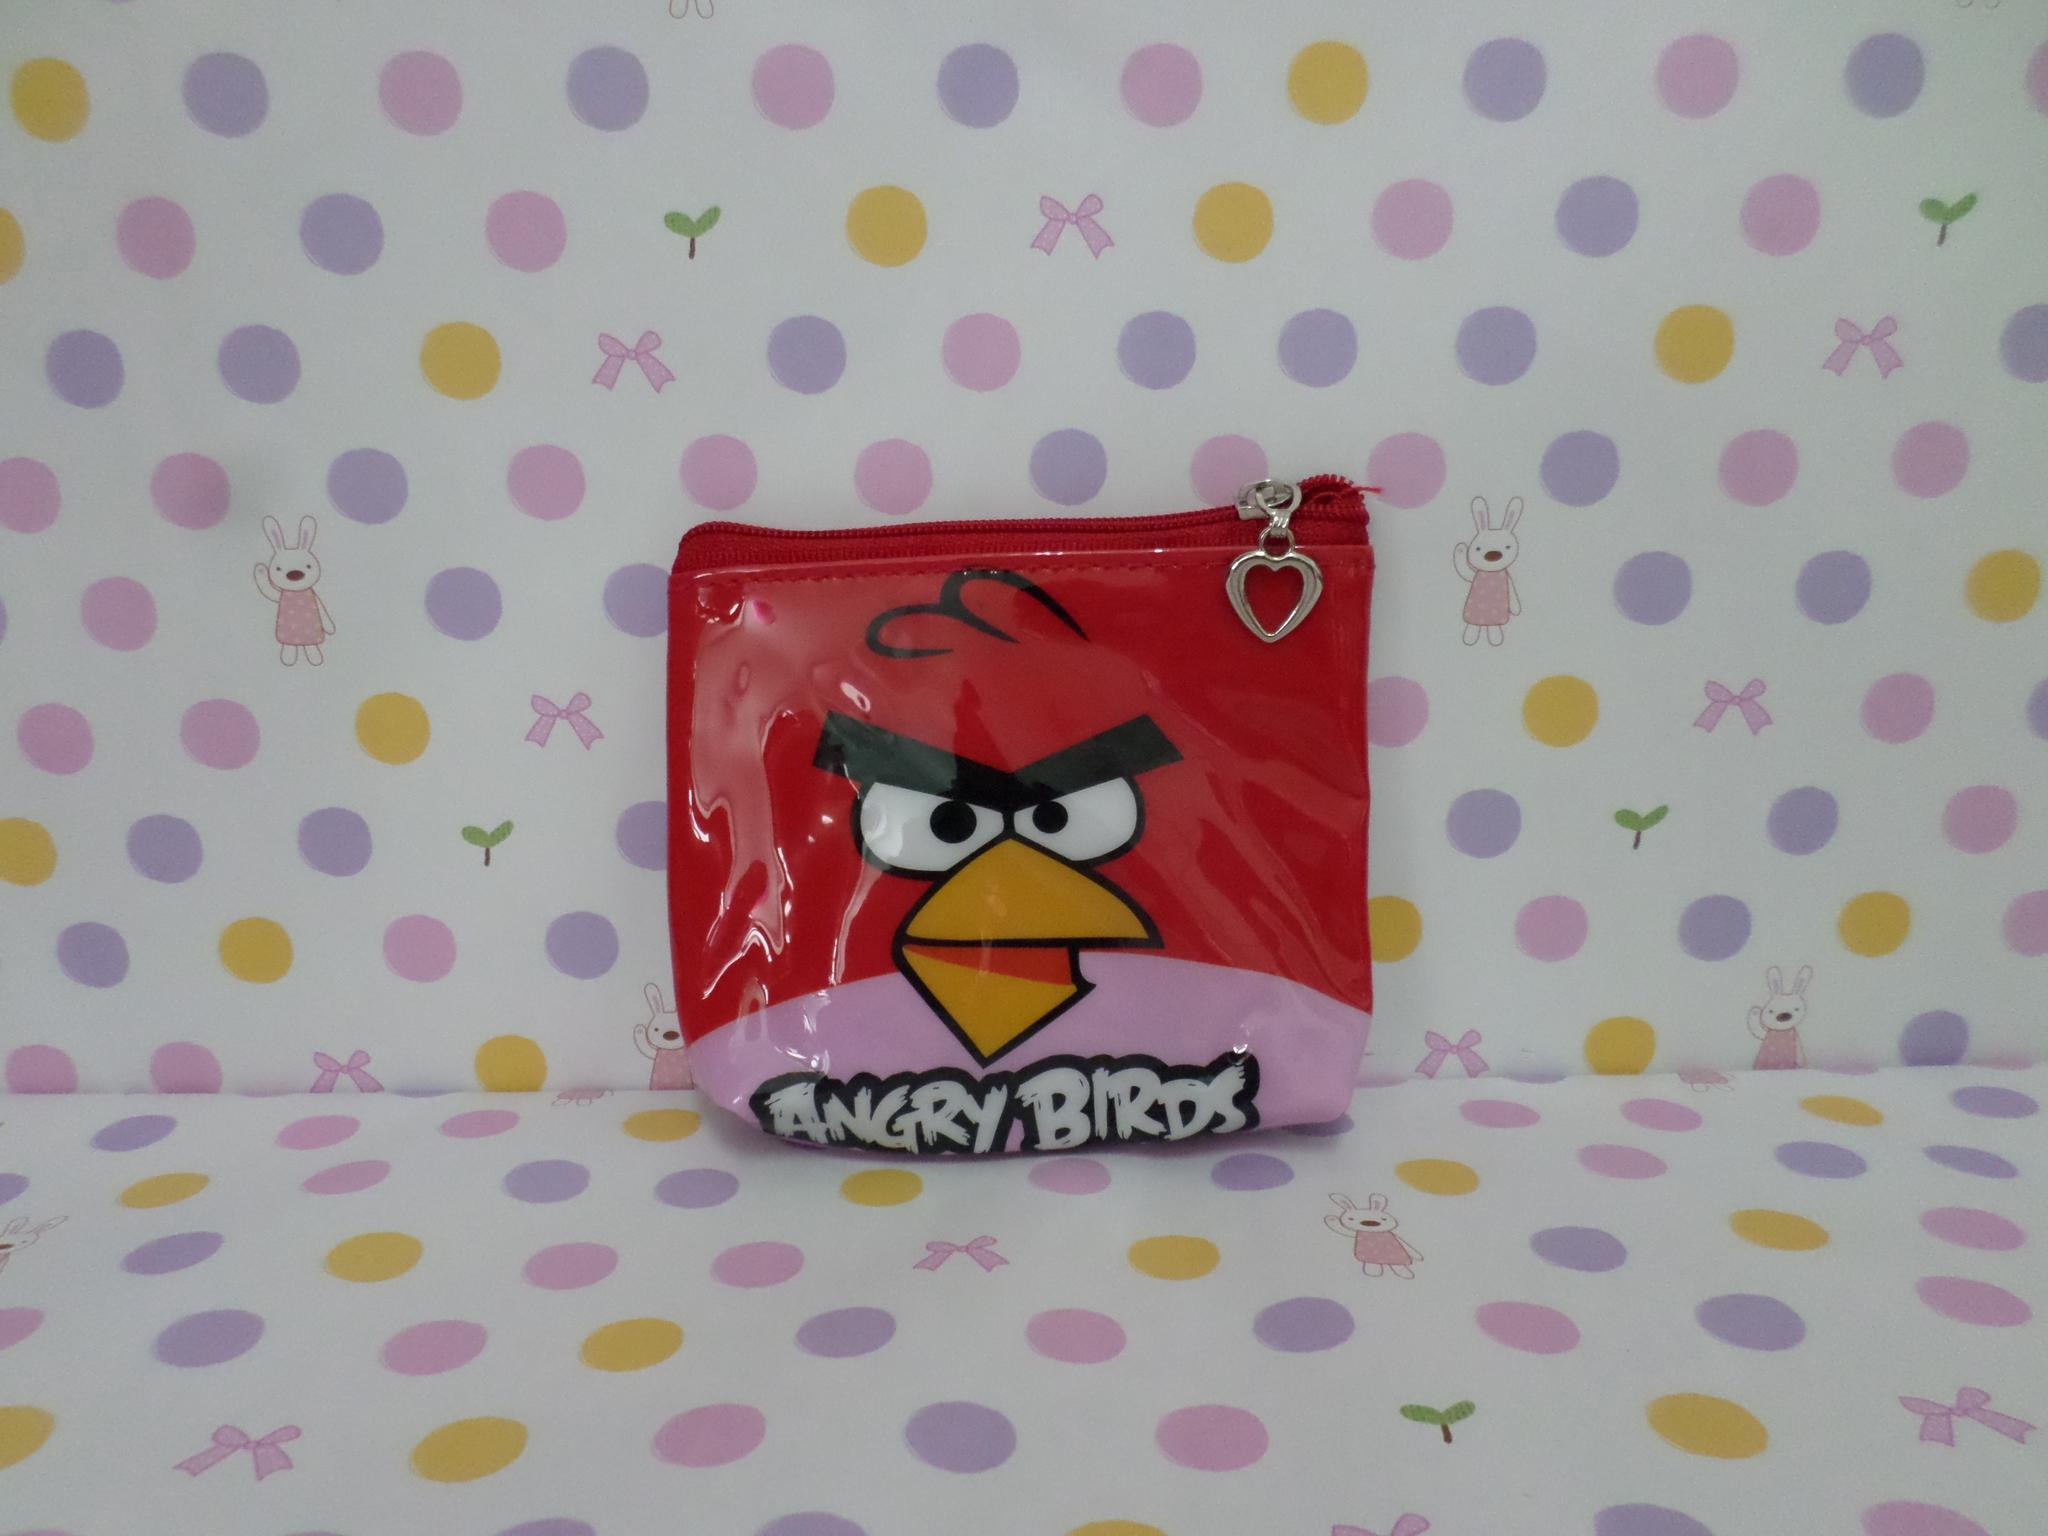 กระเป๋าใส่เศษสตางศ์ใบเล็ก แองกี้เบิร์ด angry bird สีแดง